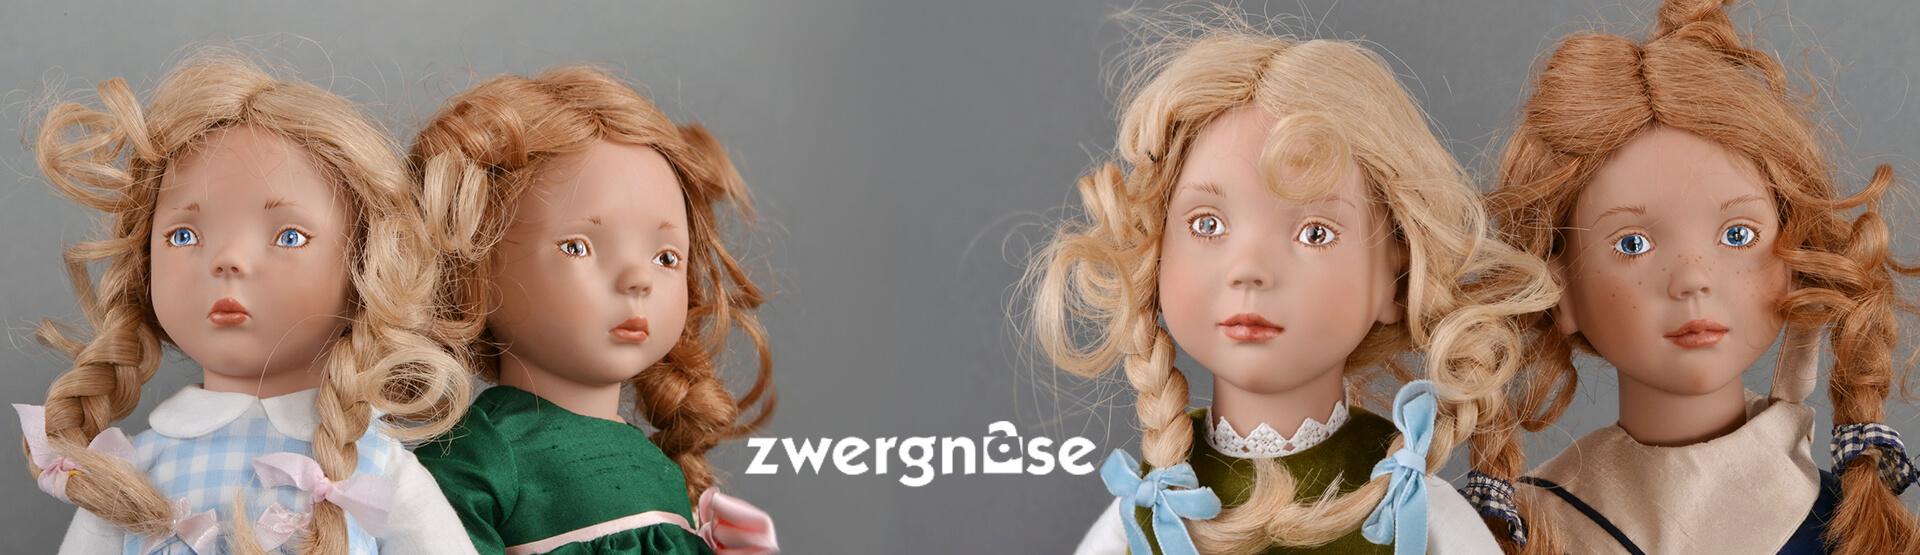 Zwergnase